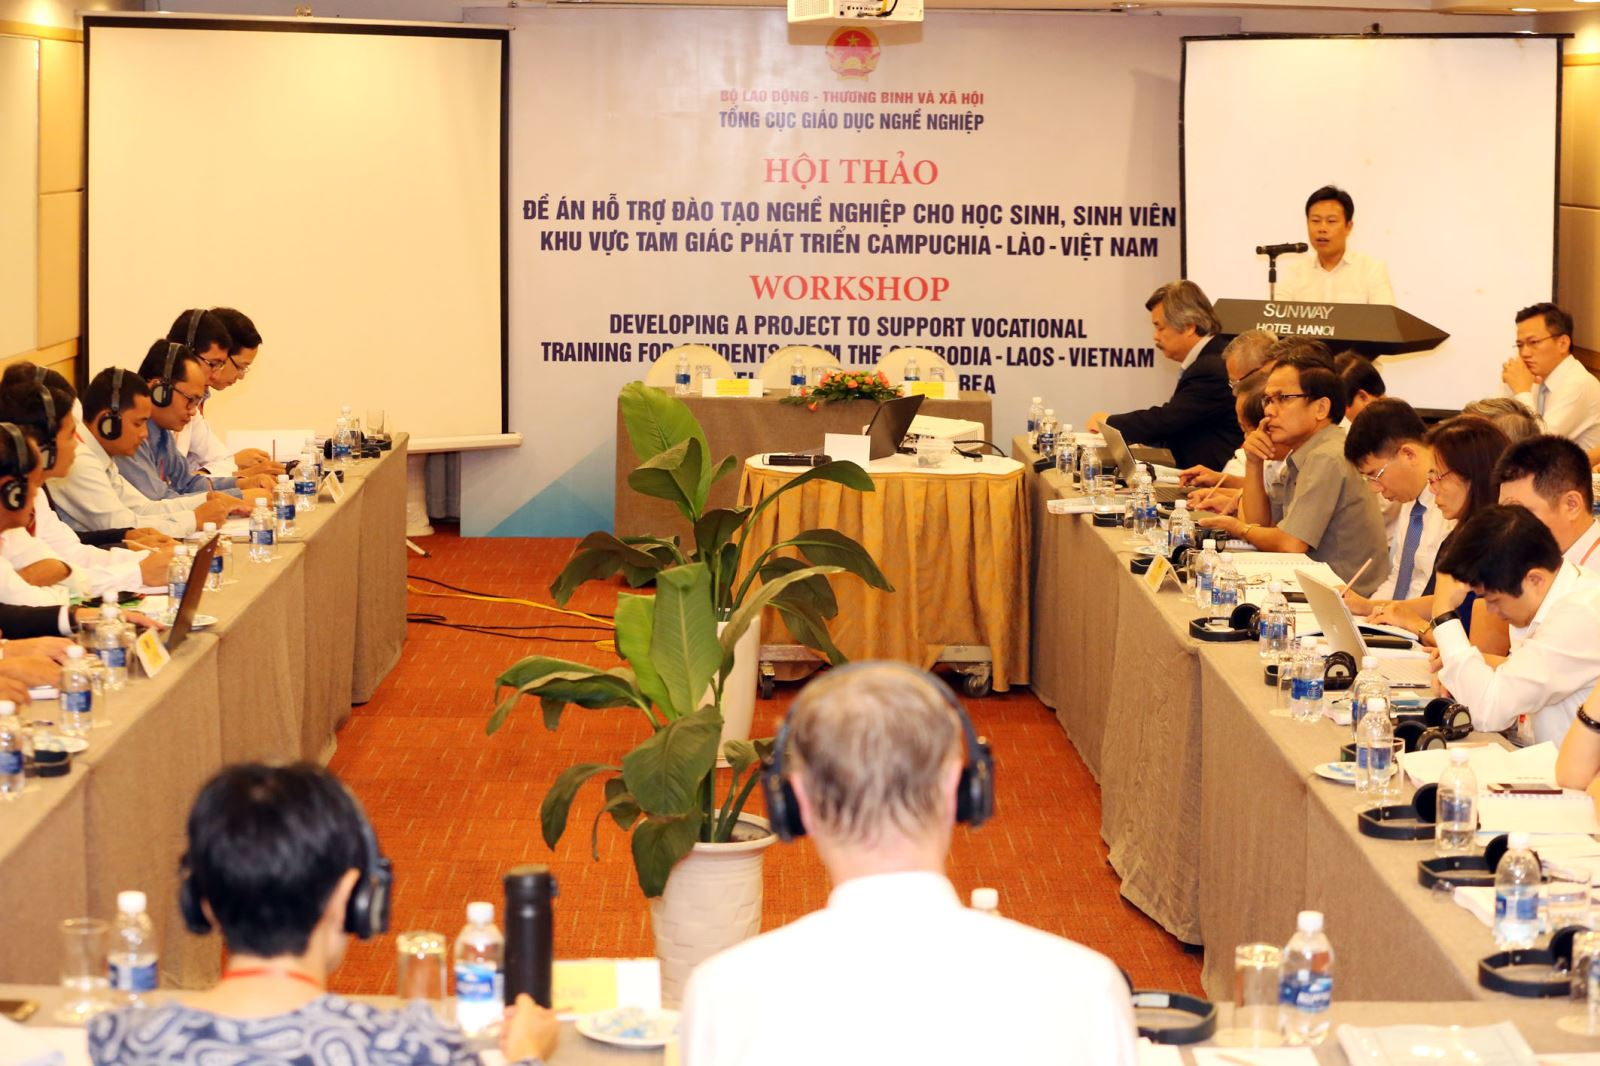 Xác định cụ thể nghề cần đào tạo khu vực tam giác phát triển Campuchia – Lào – Việt Nam Ảnh 1